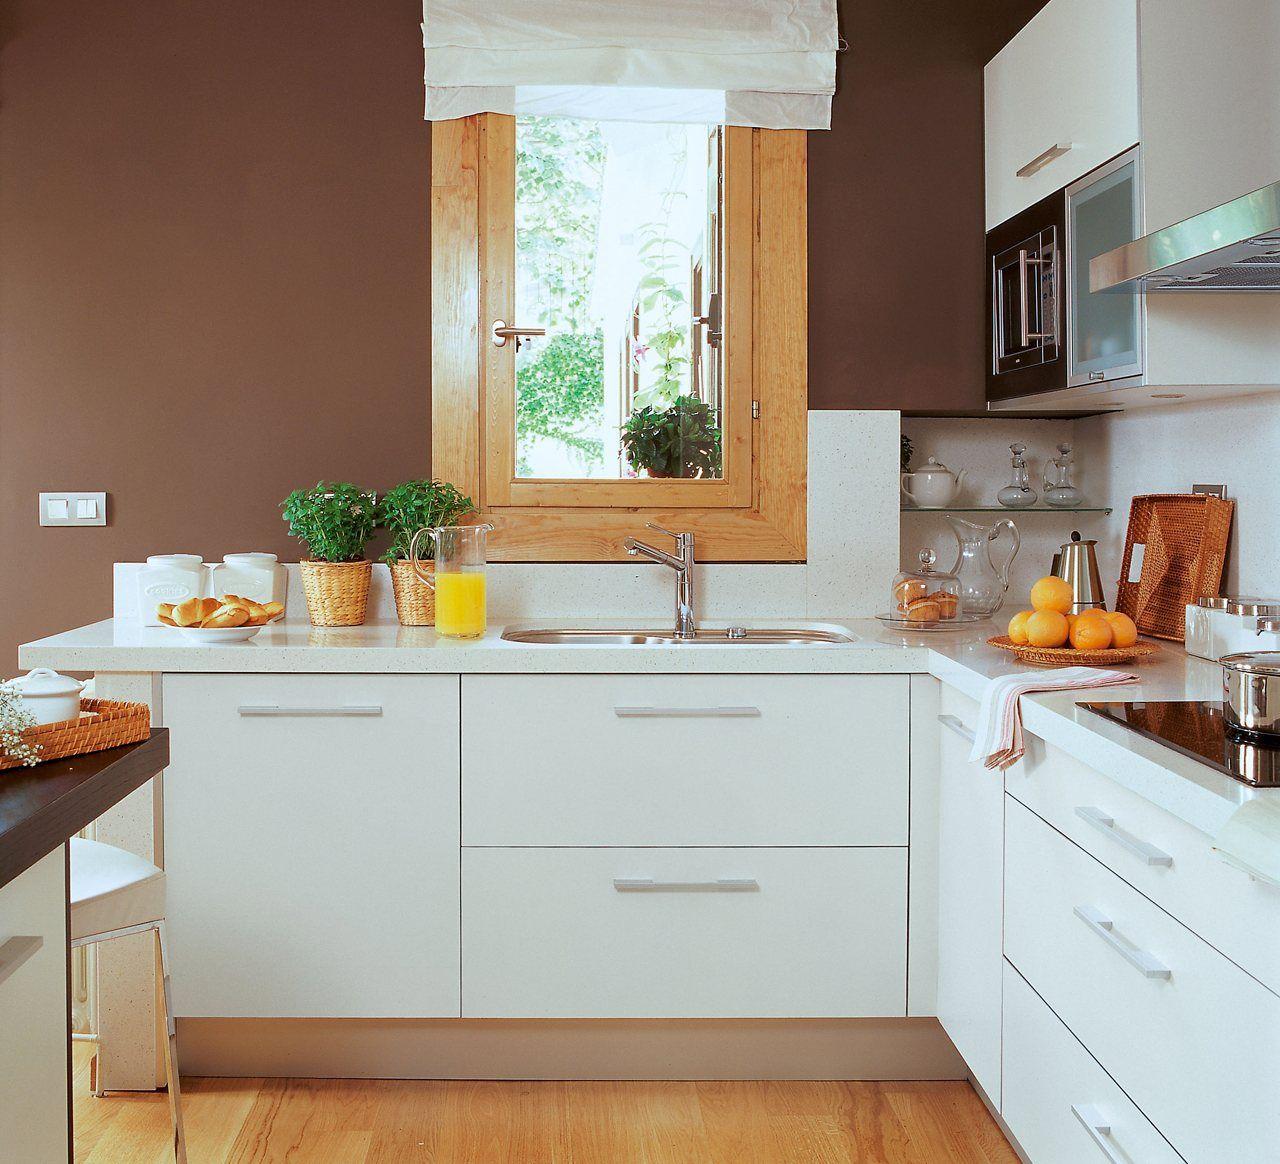 Buenas ideas para cocinas peque as - Ideas para cocinas pequenas ...